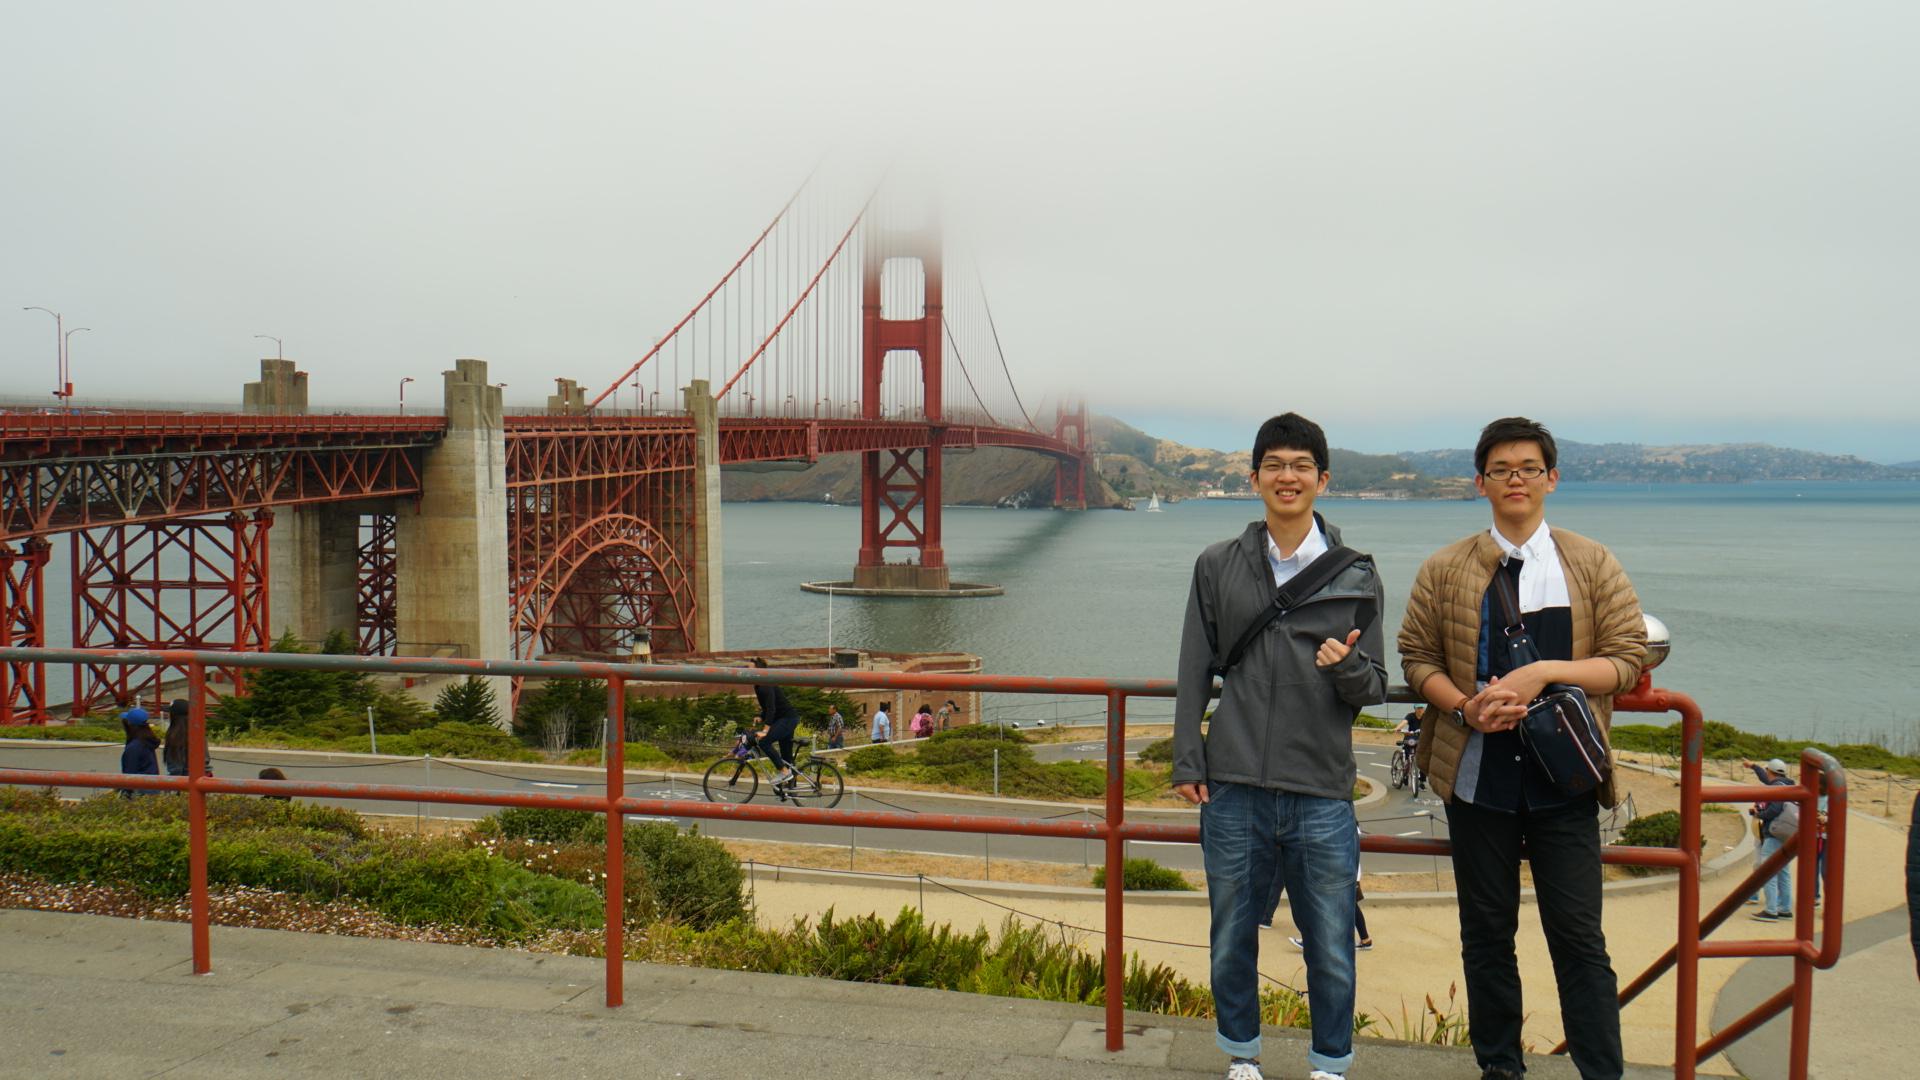 霧がかかった姿も幻想的なゴールデンゲートブリッジ(カリフォルニア州)